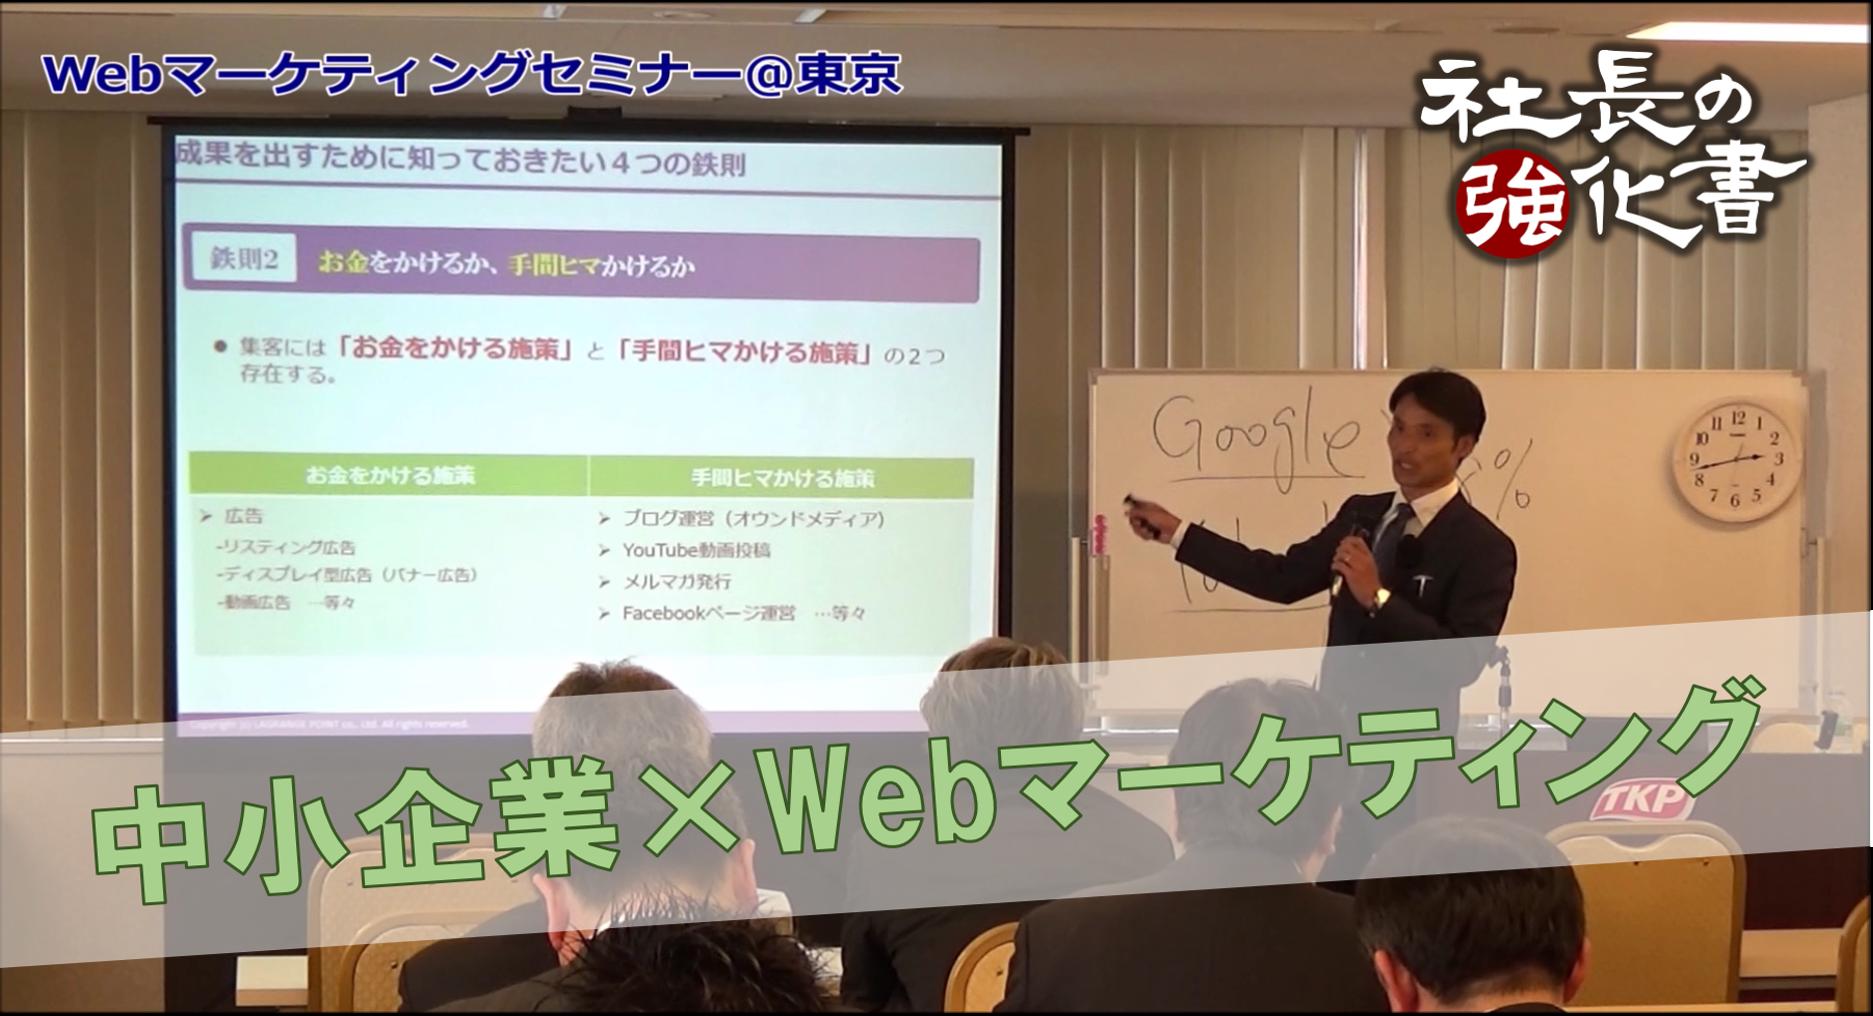 中小企業向けWebマーケティングセミナー@東京 |開催レポート